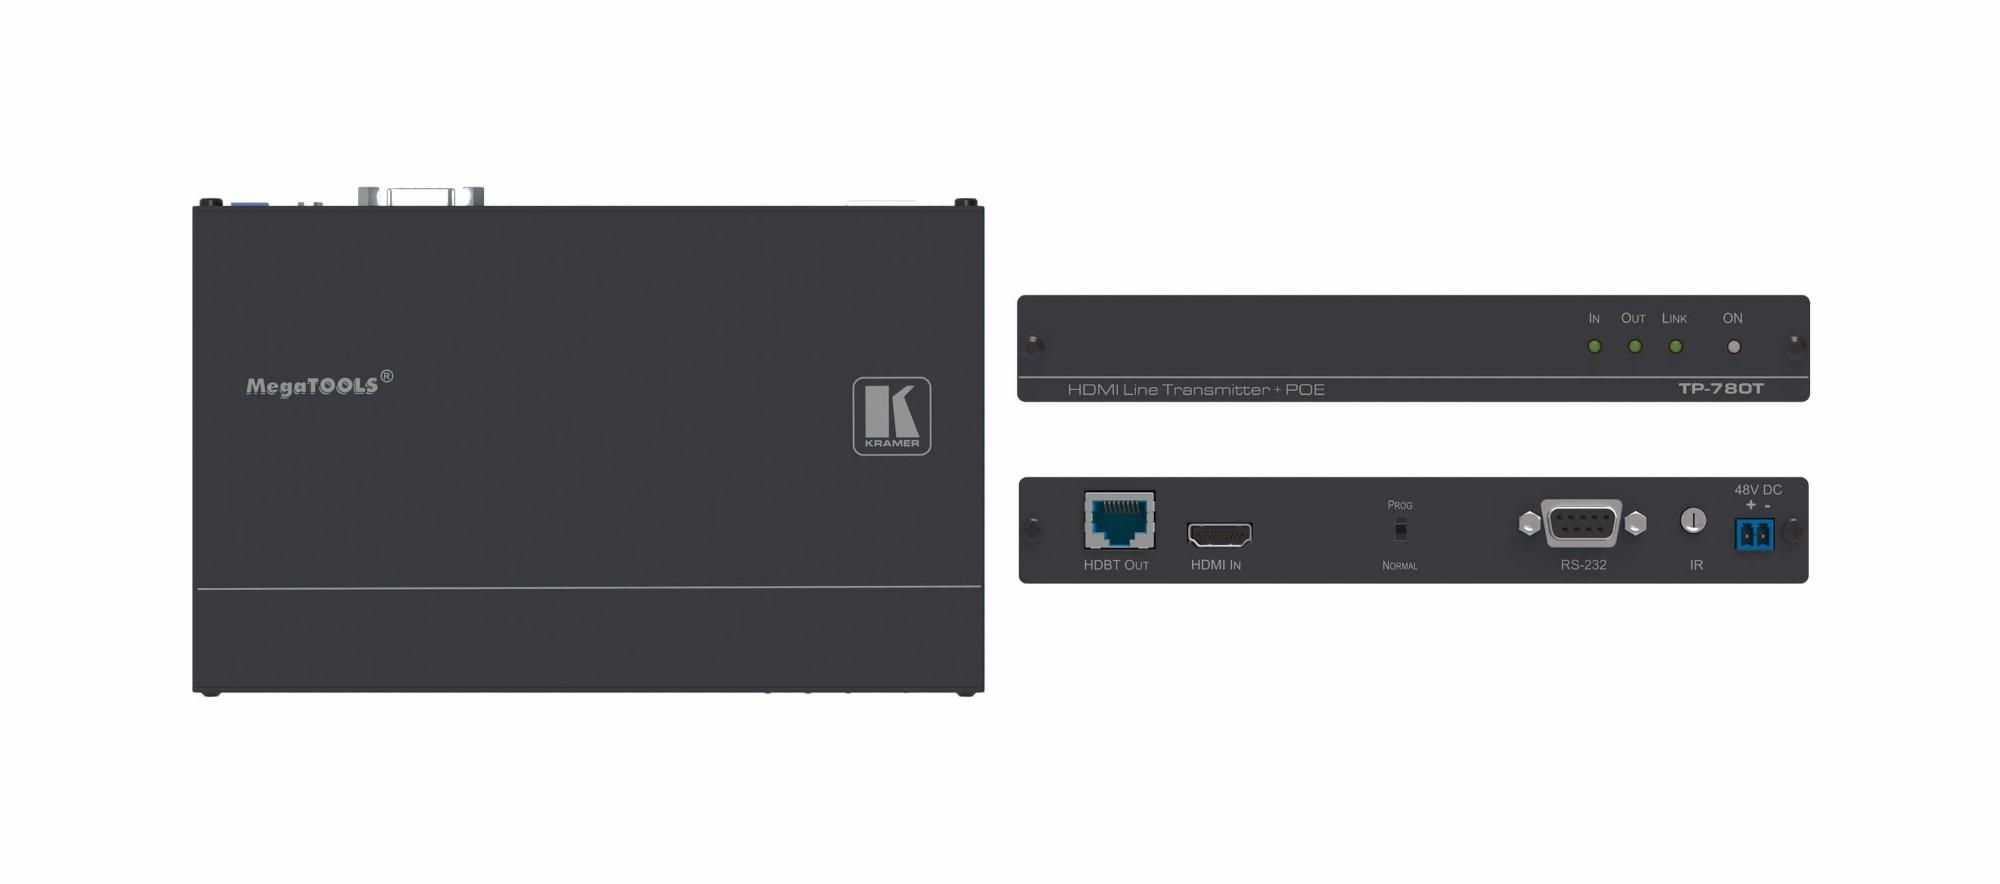 Kramer Electronics TP-780T AV transmitter Black AV extender